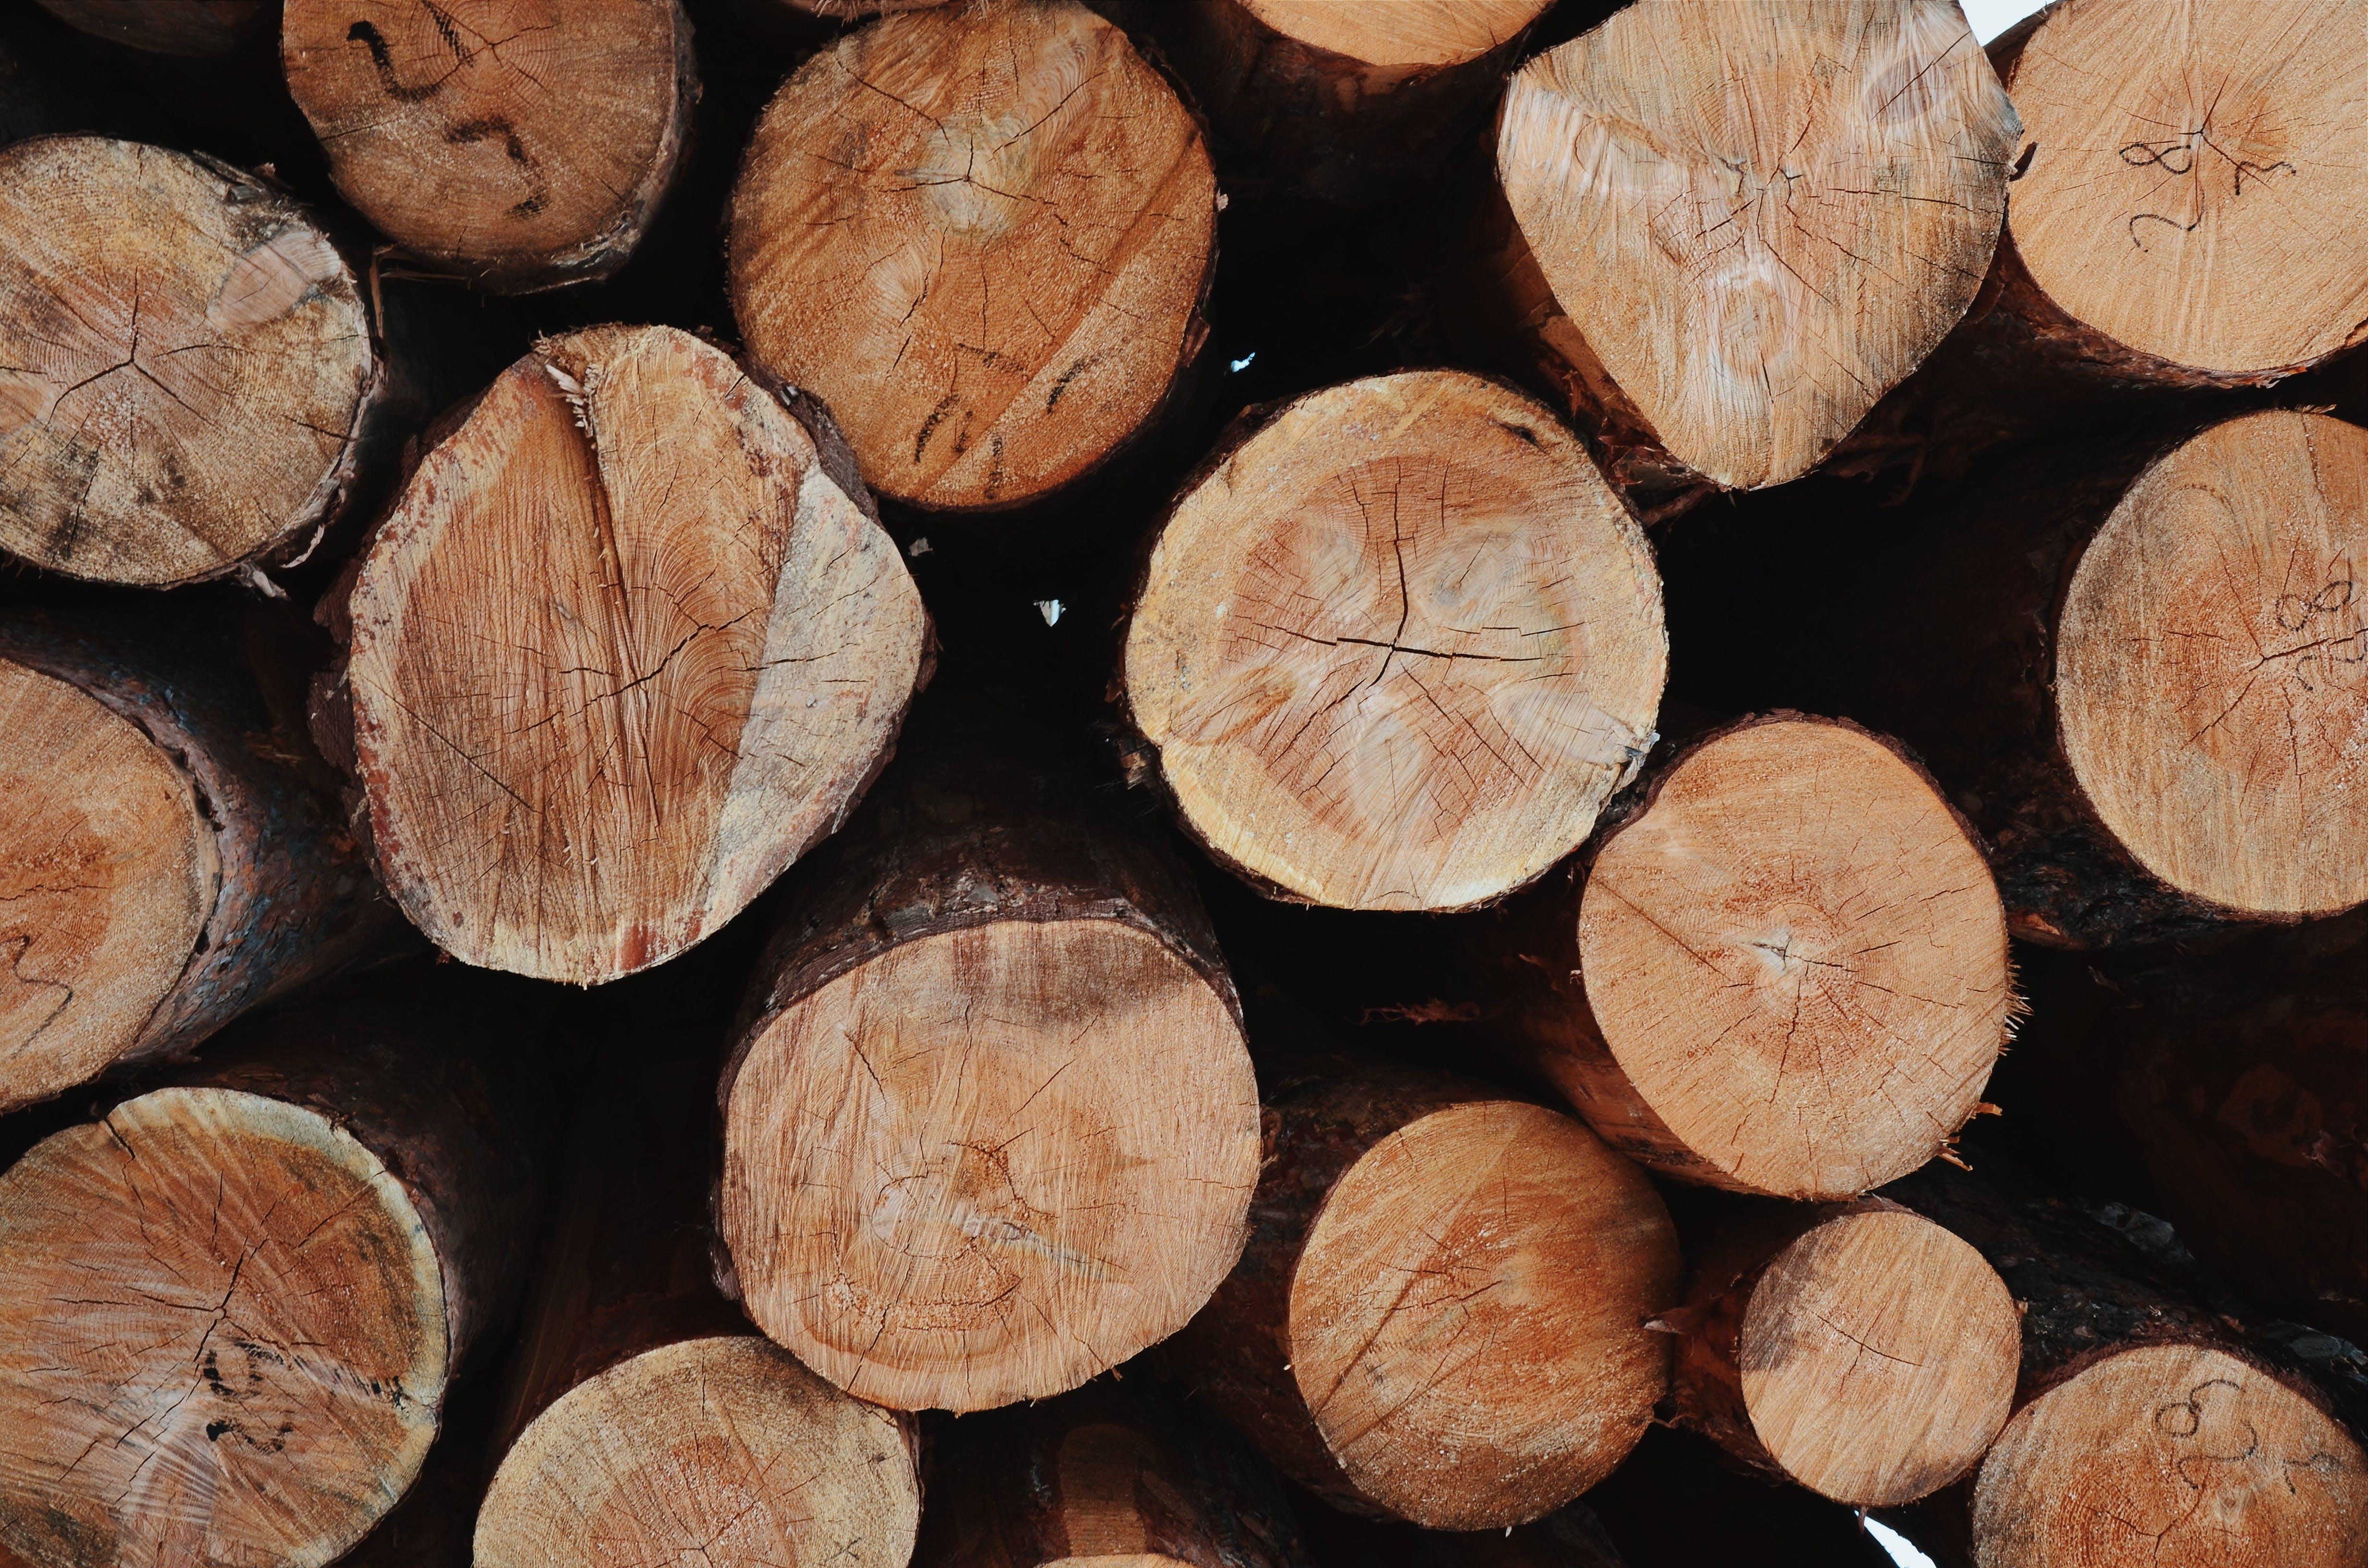 ağaç gövdeleri, ağaç kütüğü, doğranmış, istif içeren Ücretsiz stok fotoğraf